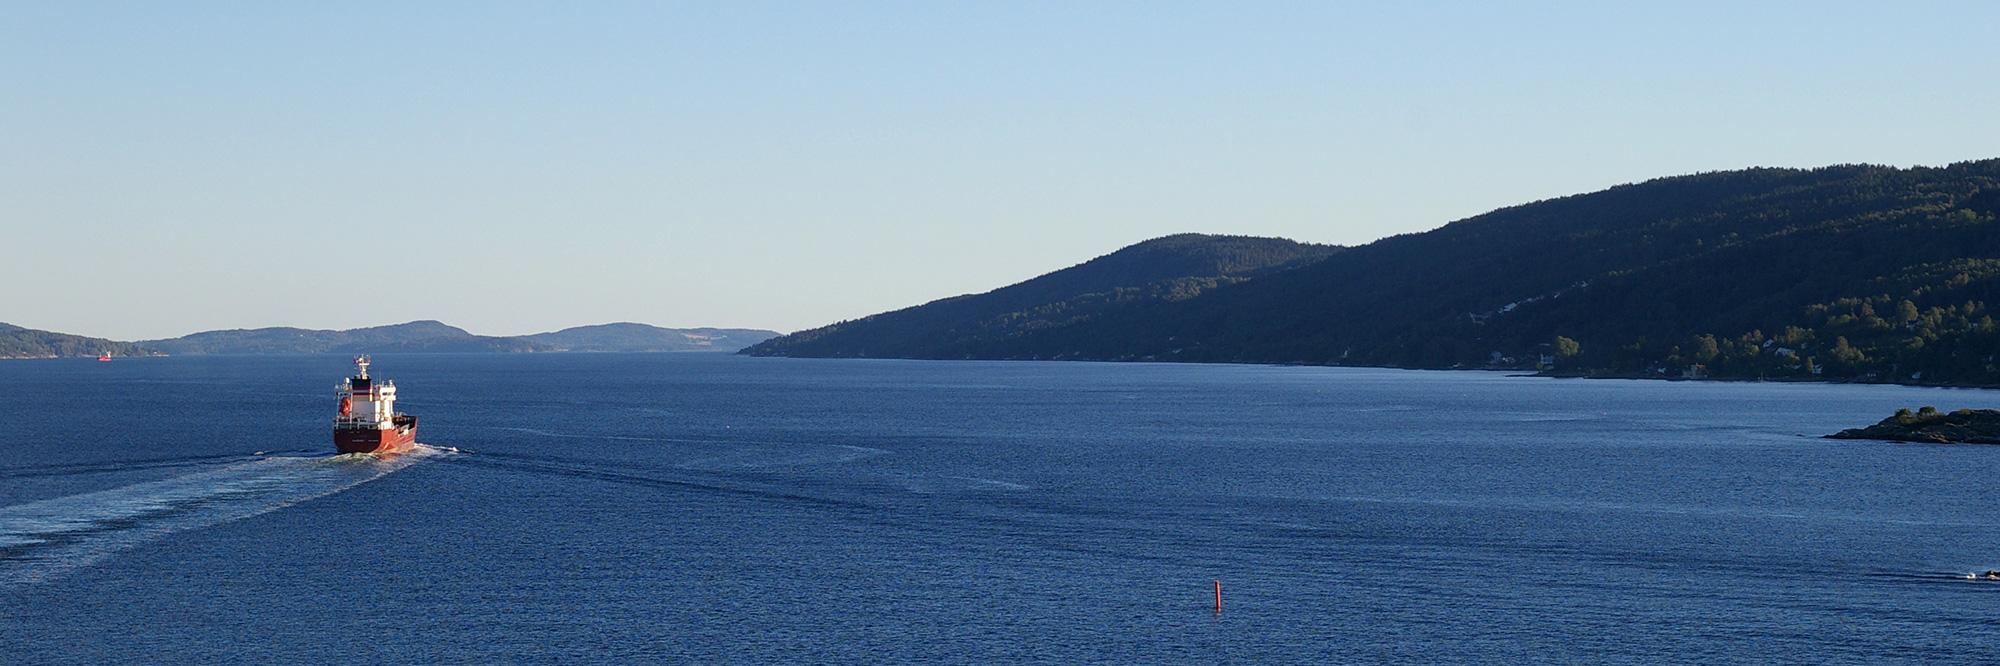 Croisière dans le fjord d'Oslo